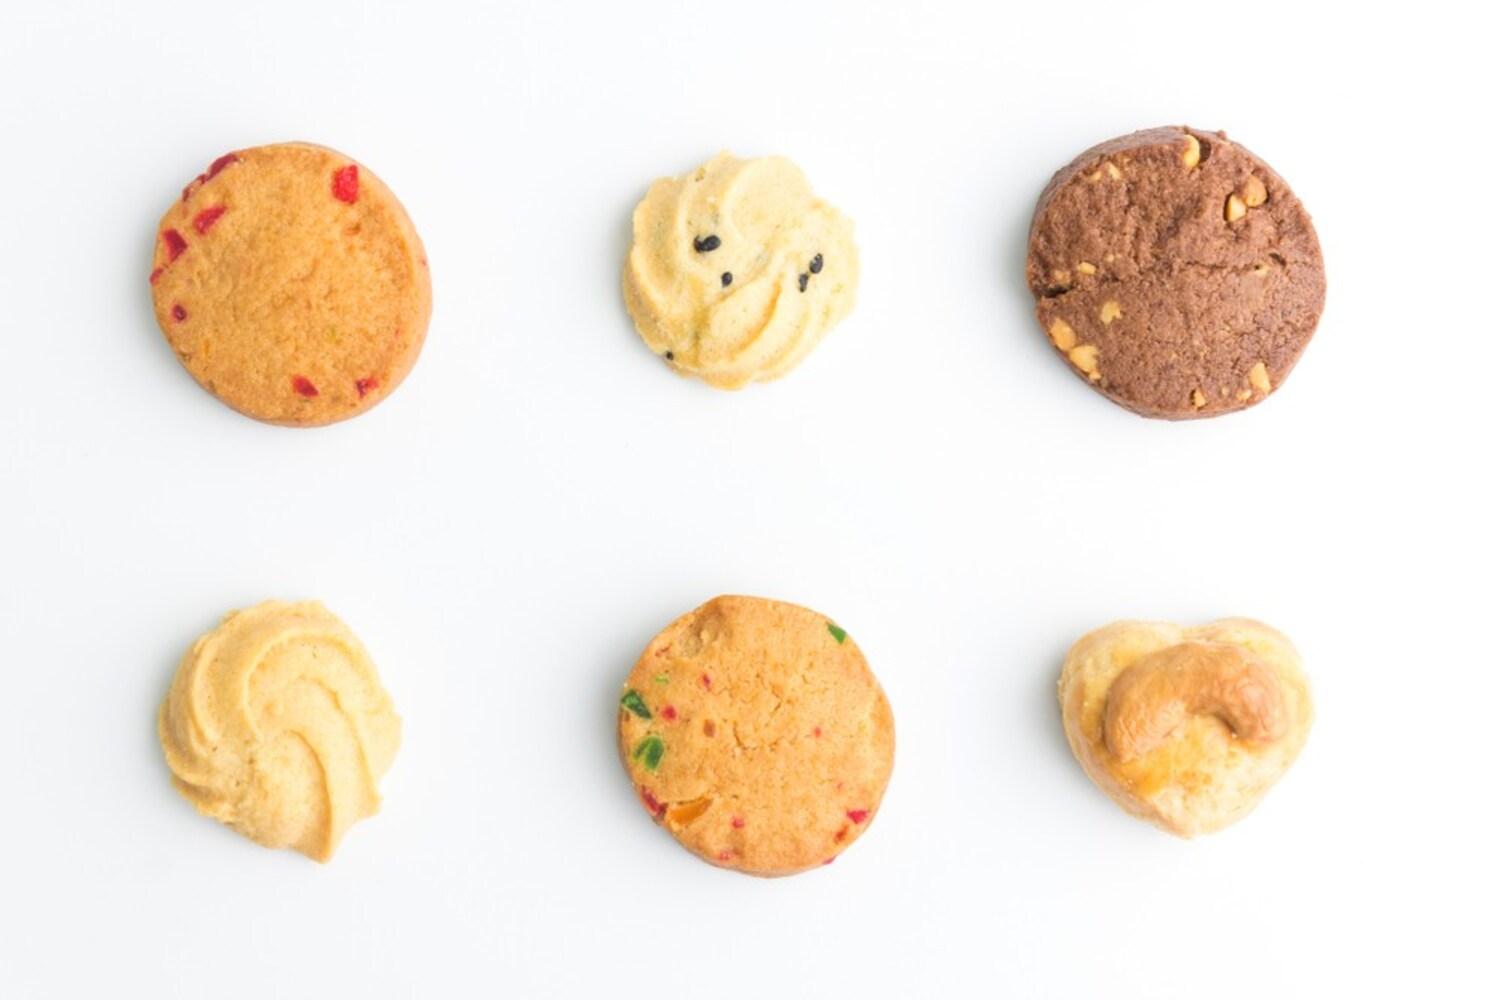 材料ひとつでこんなに変わる!お菓子作りの材料にこだわるべき理由